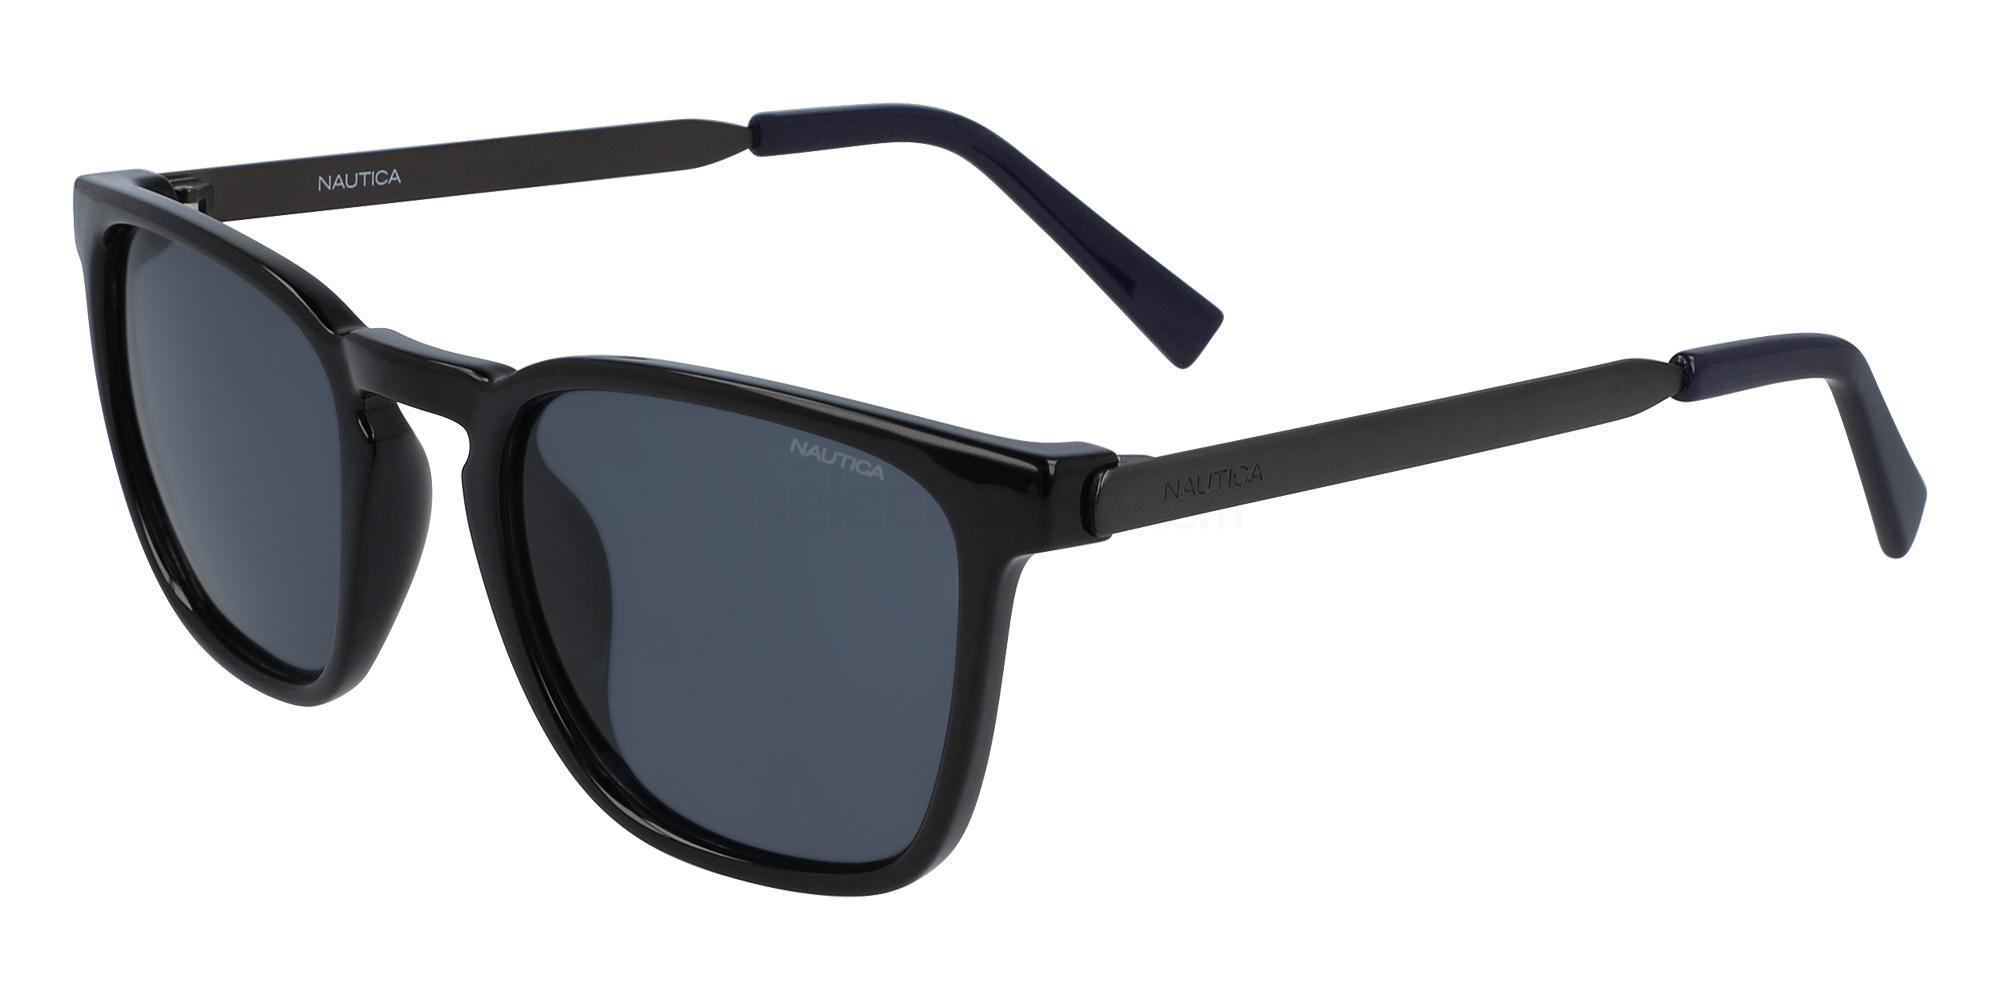 001 N3642SP Sunglasses, Nautica